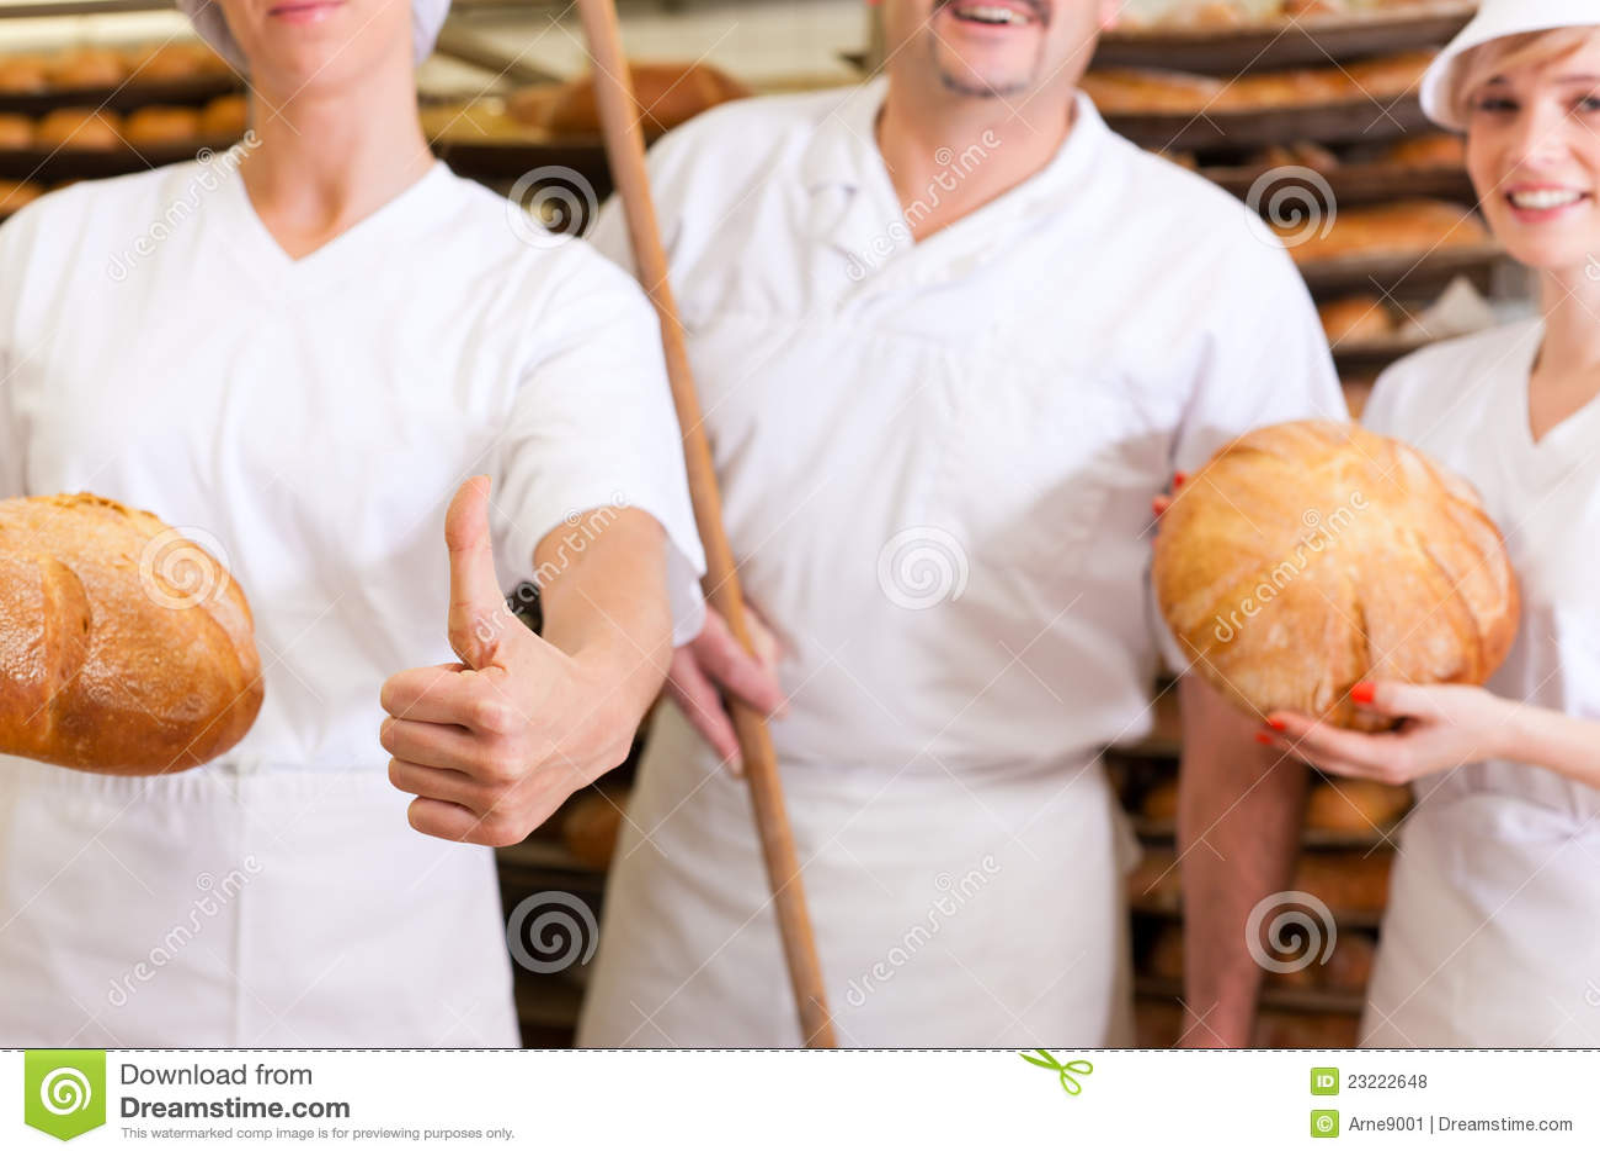 Panadero con sus personas en panadería